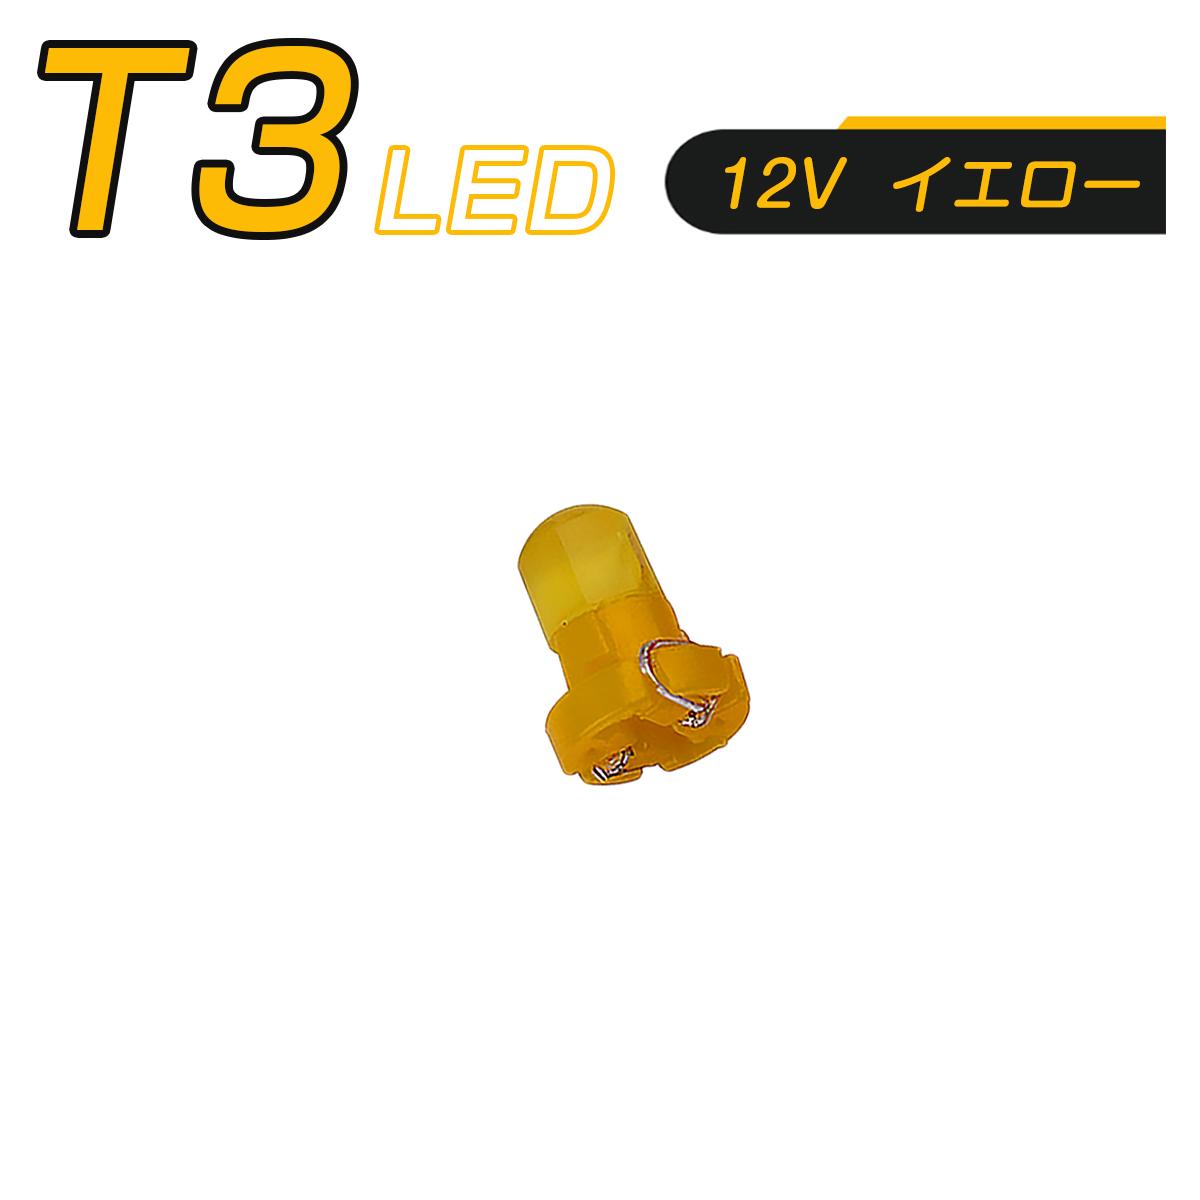 LED T3 SMD 黄 メーター球 タコランプ インジケーター エアコンパネル 超拡散 全面発光 2個セット SDM便送料無料 1ヶ月保証